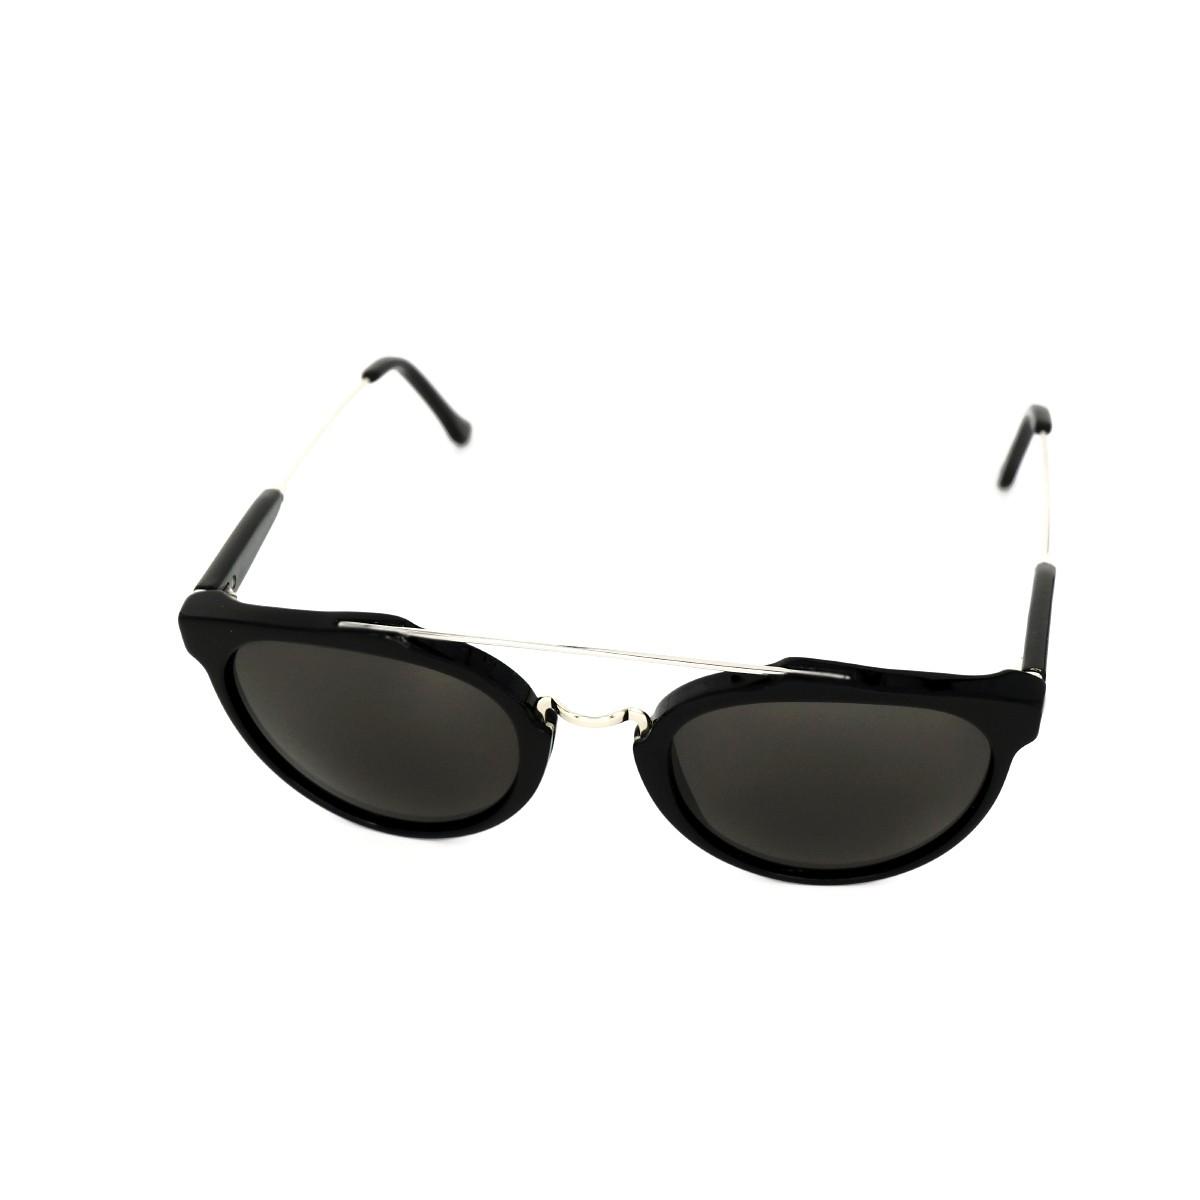 Super Giaguaro Black, 148,00€, Occhiali Super Nero a forma Ovale